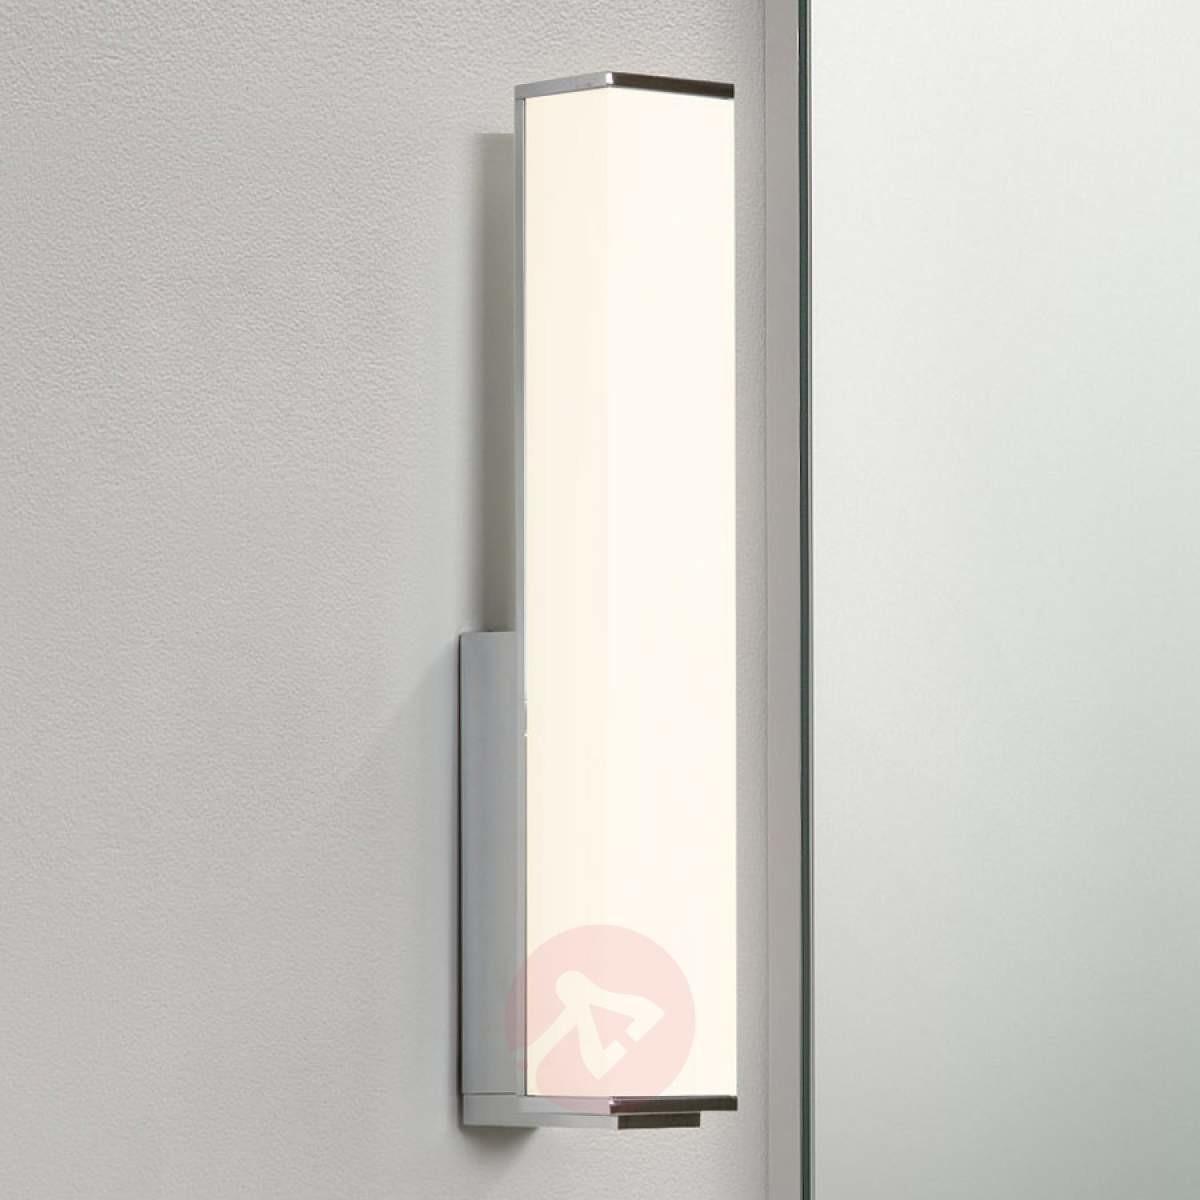 Astro Lighting Karla LED 7161 Kinkiet IP44 1111 / 7161